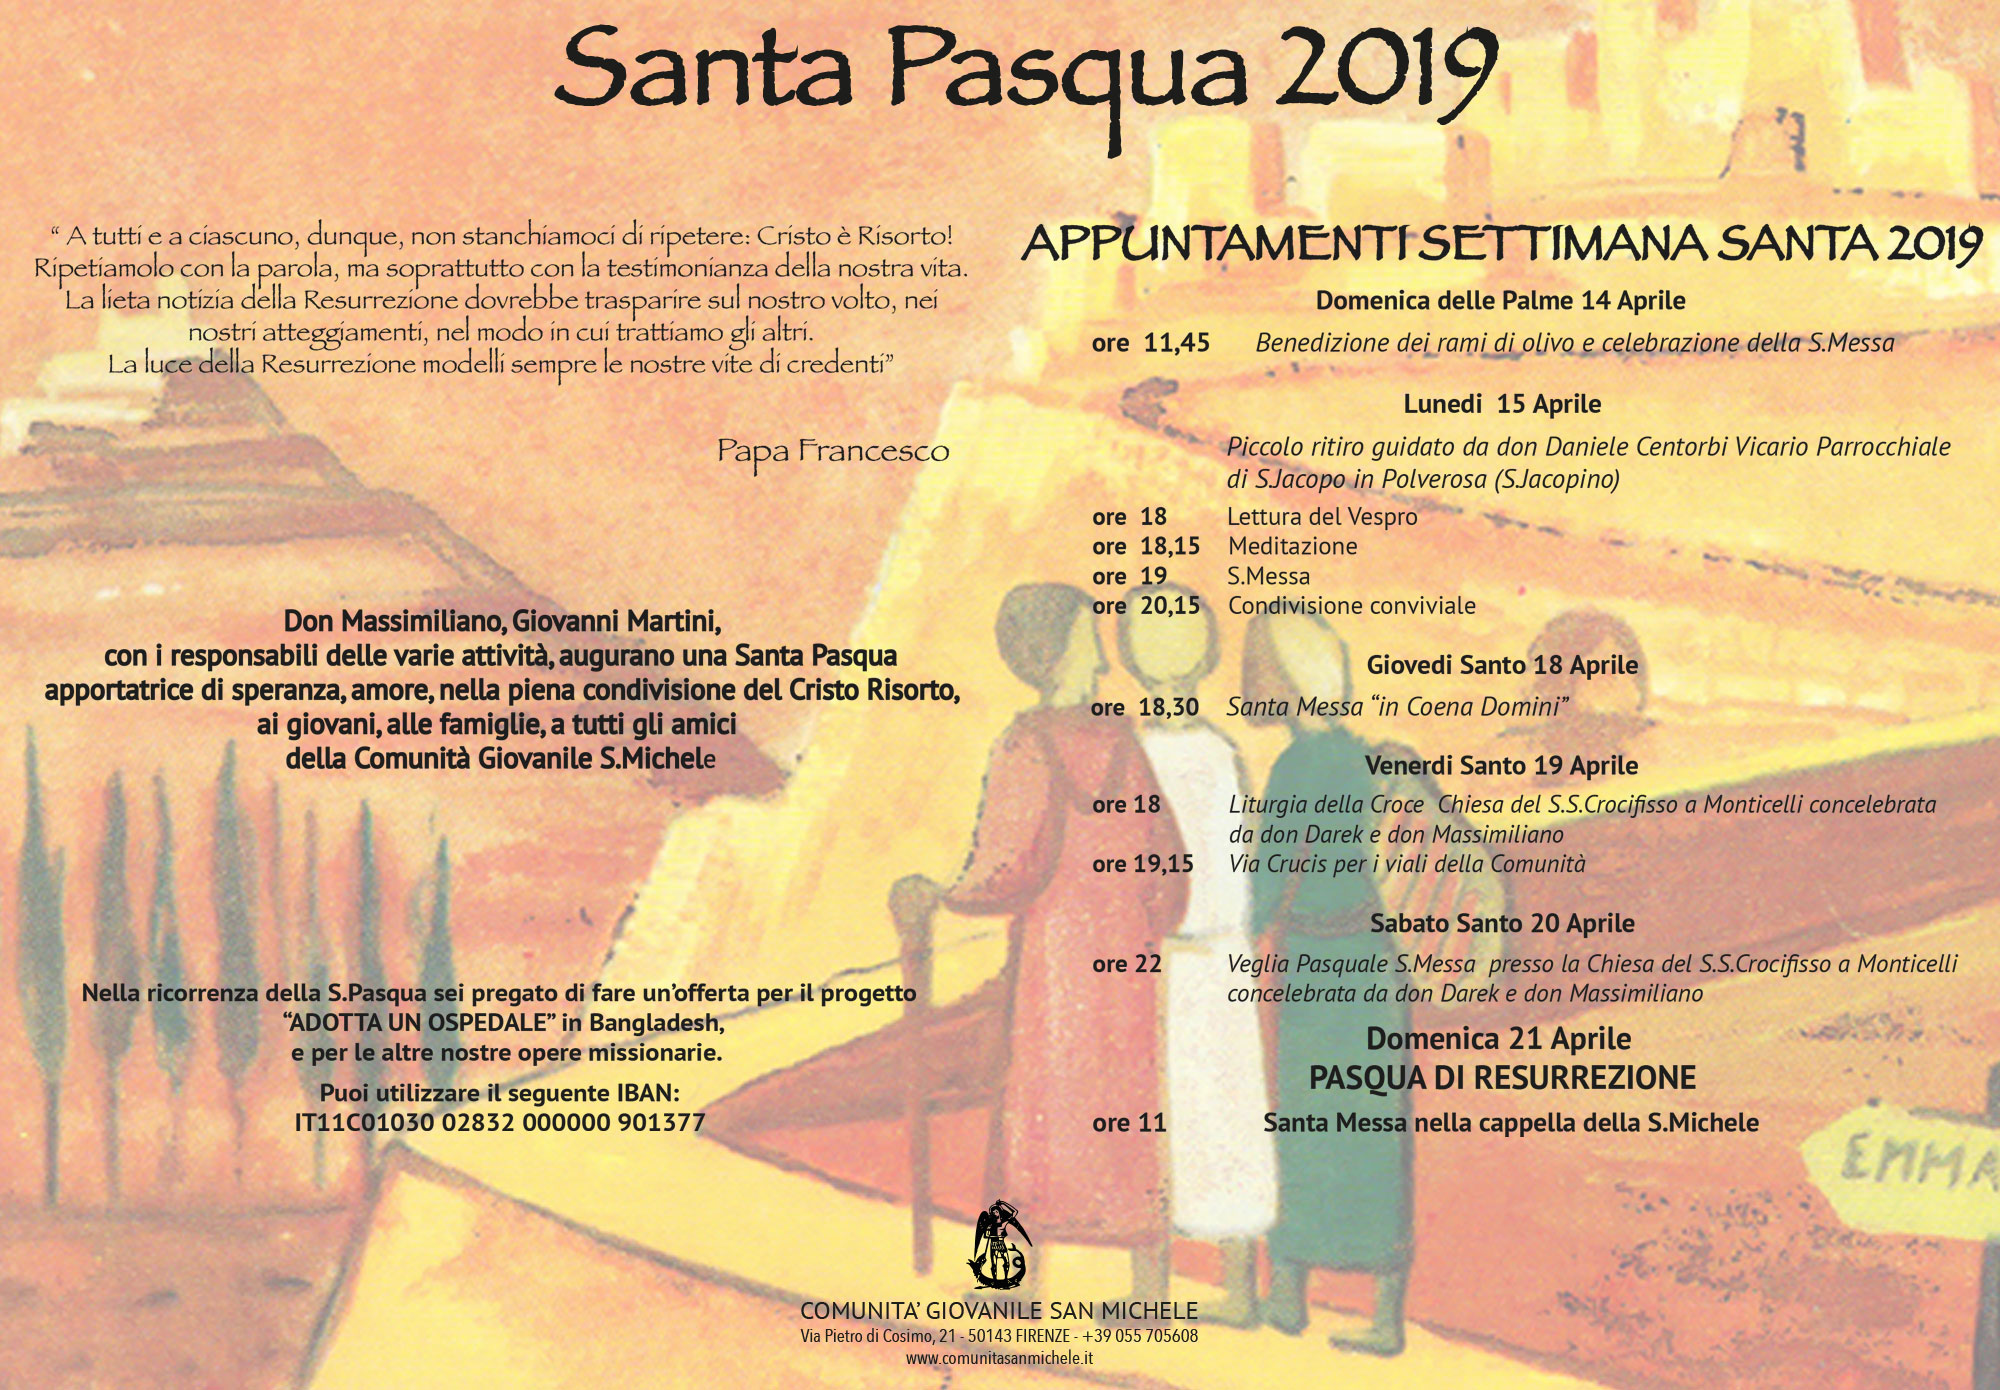 Gli appuntamenti della Santa Pasqua 2019